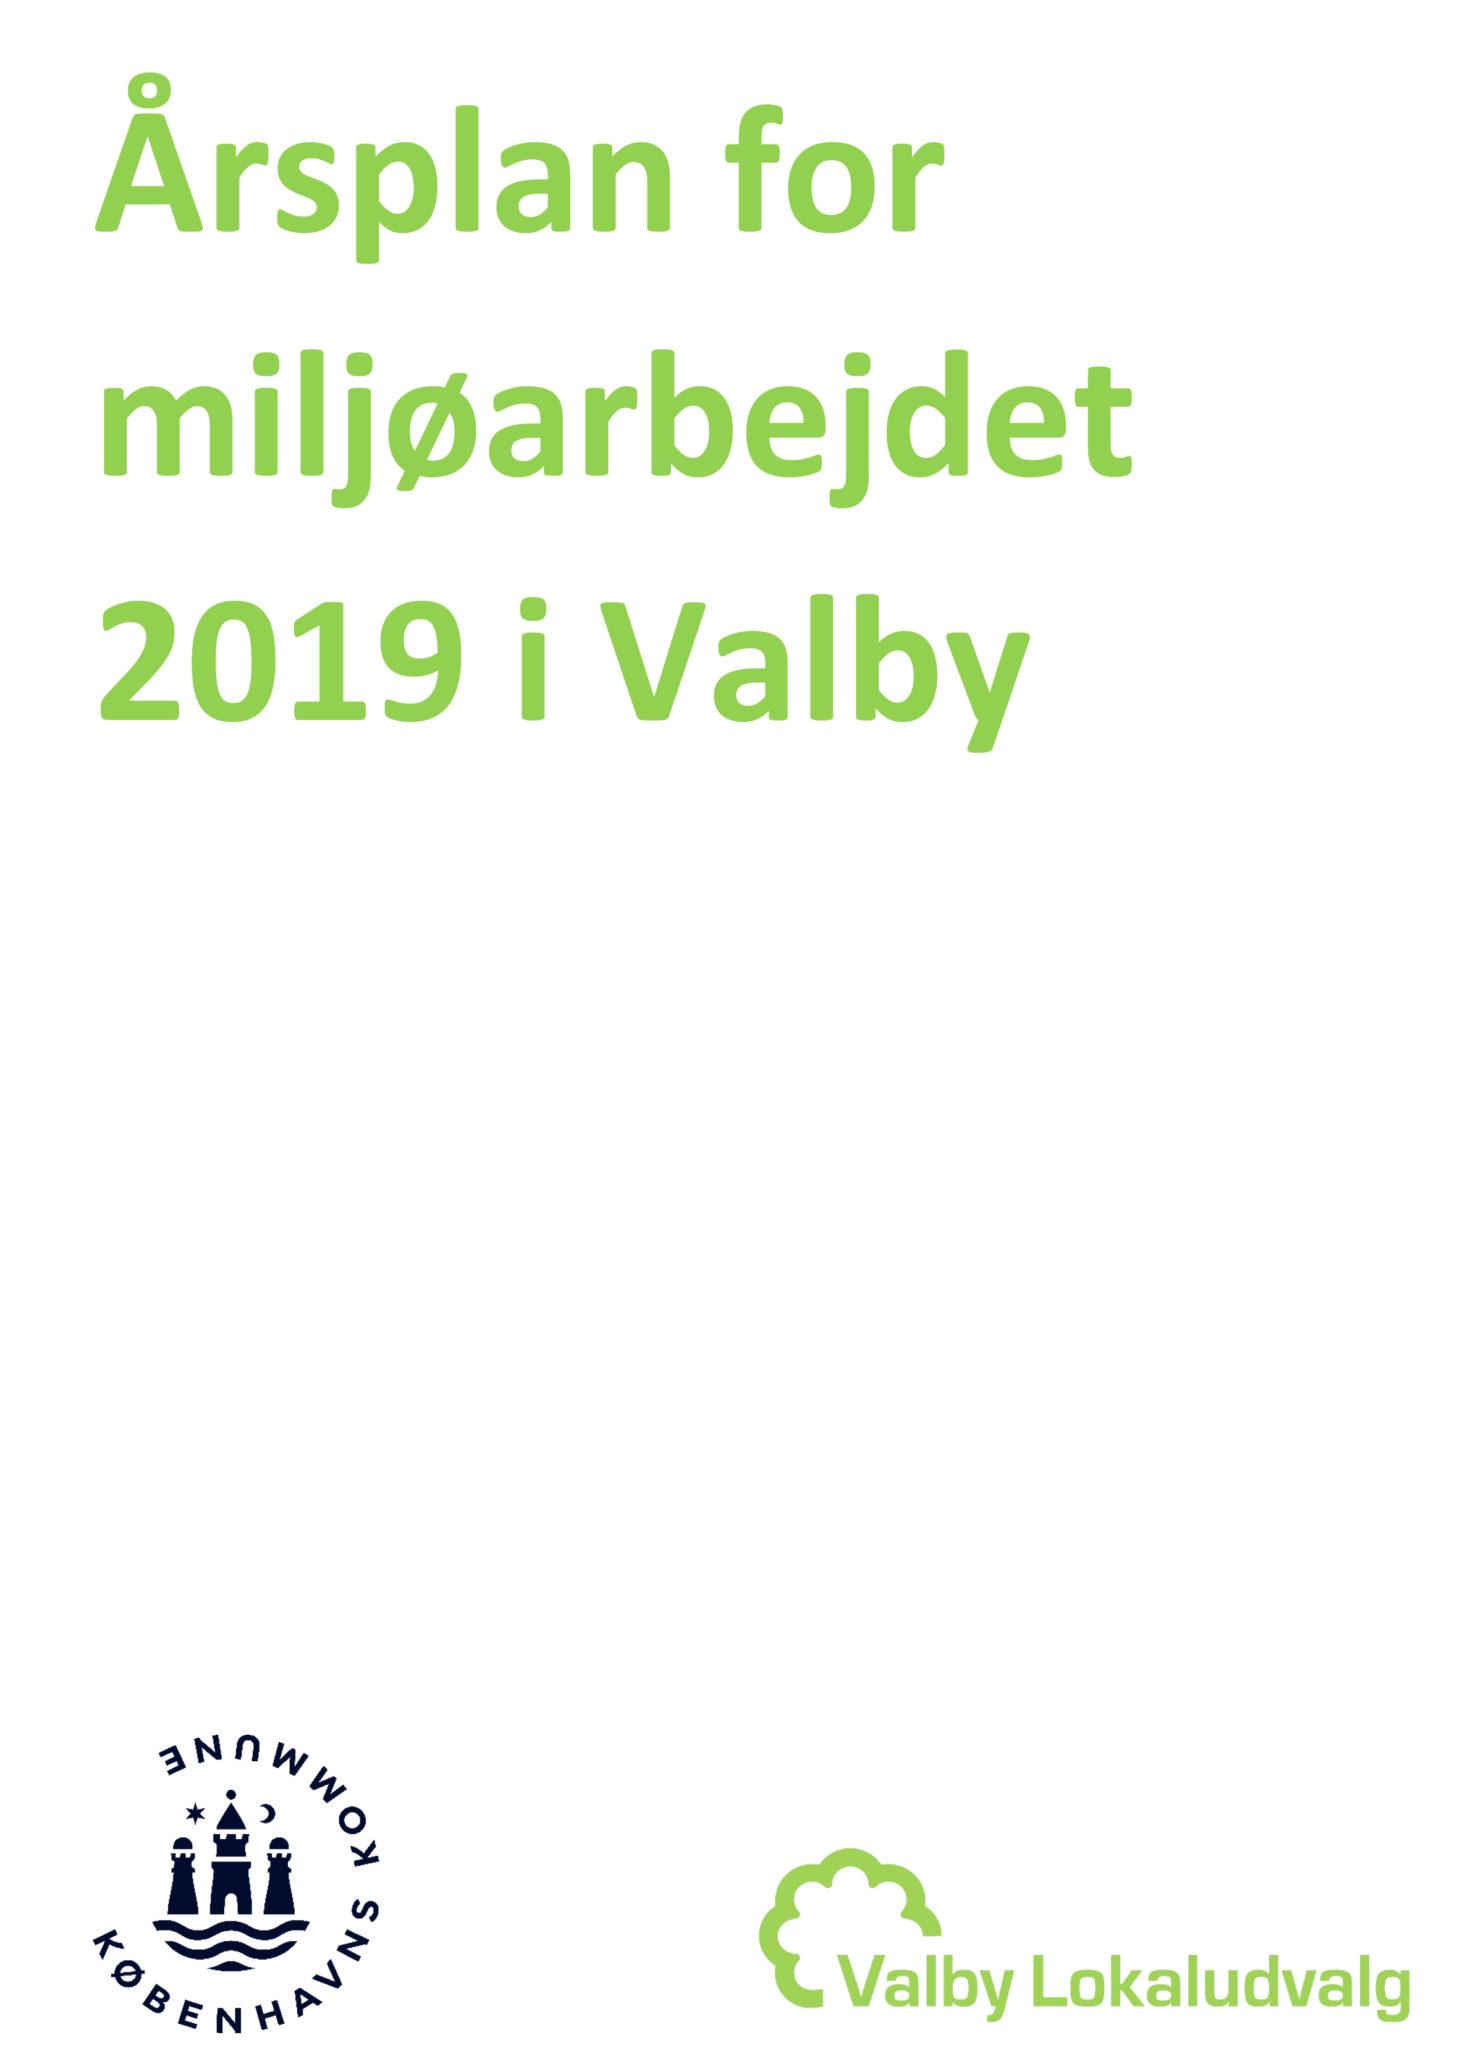 Årsplan for Miljøarbejdet i Valby 2019 forside